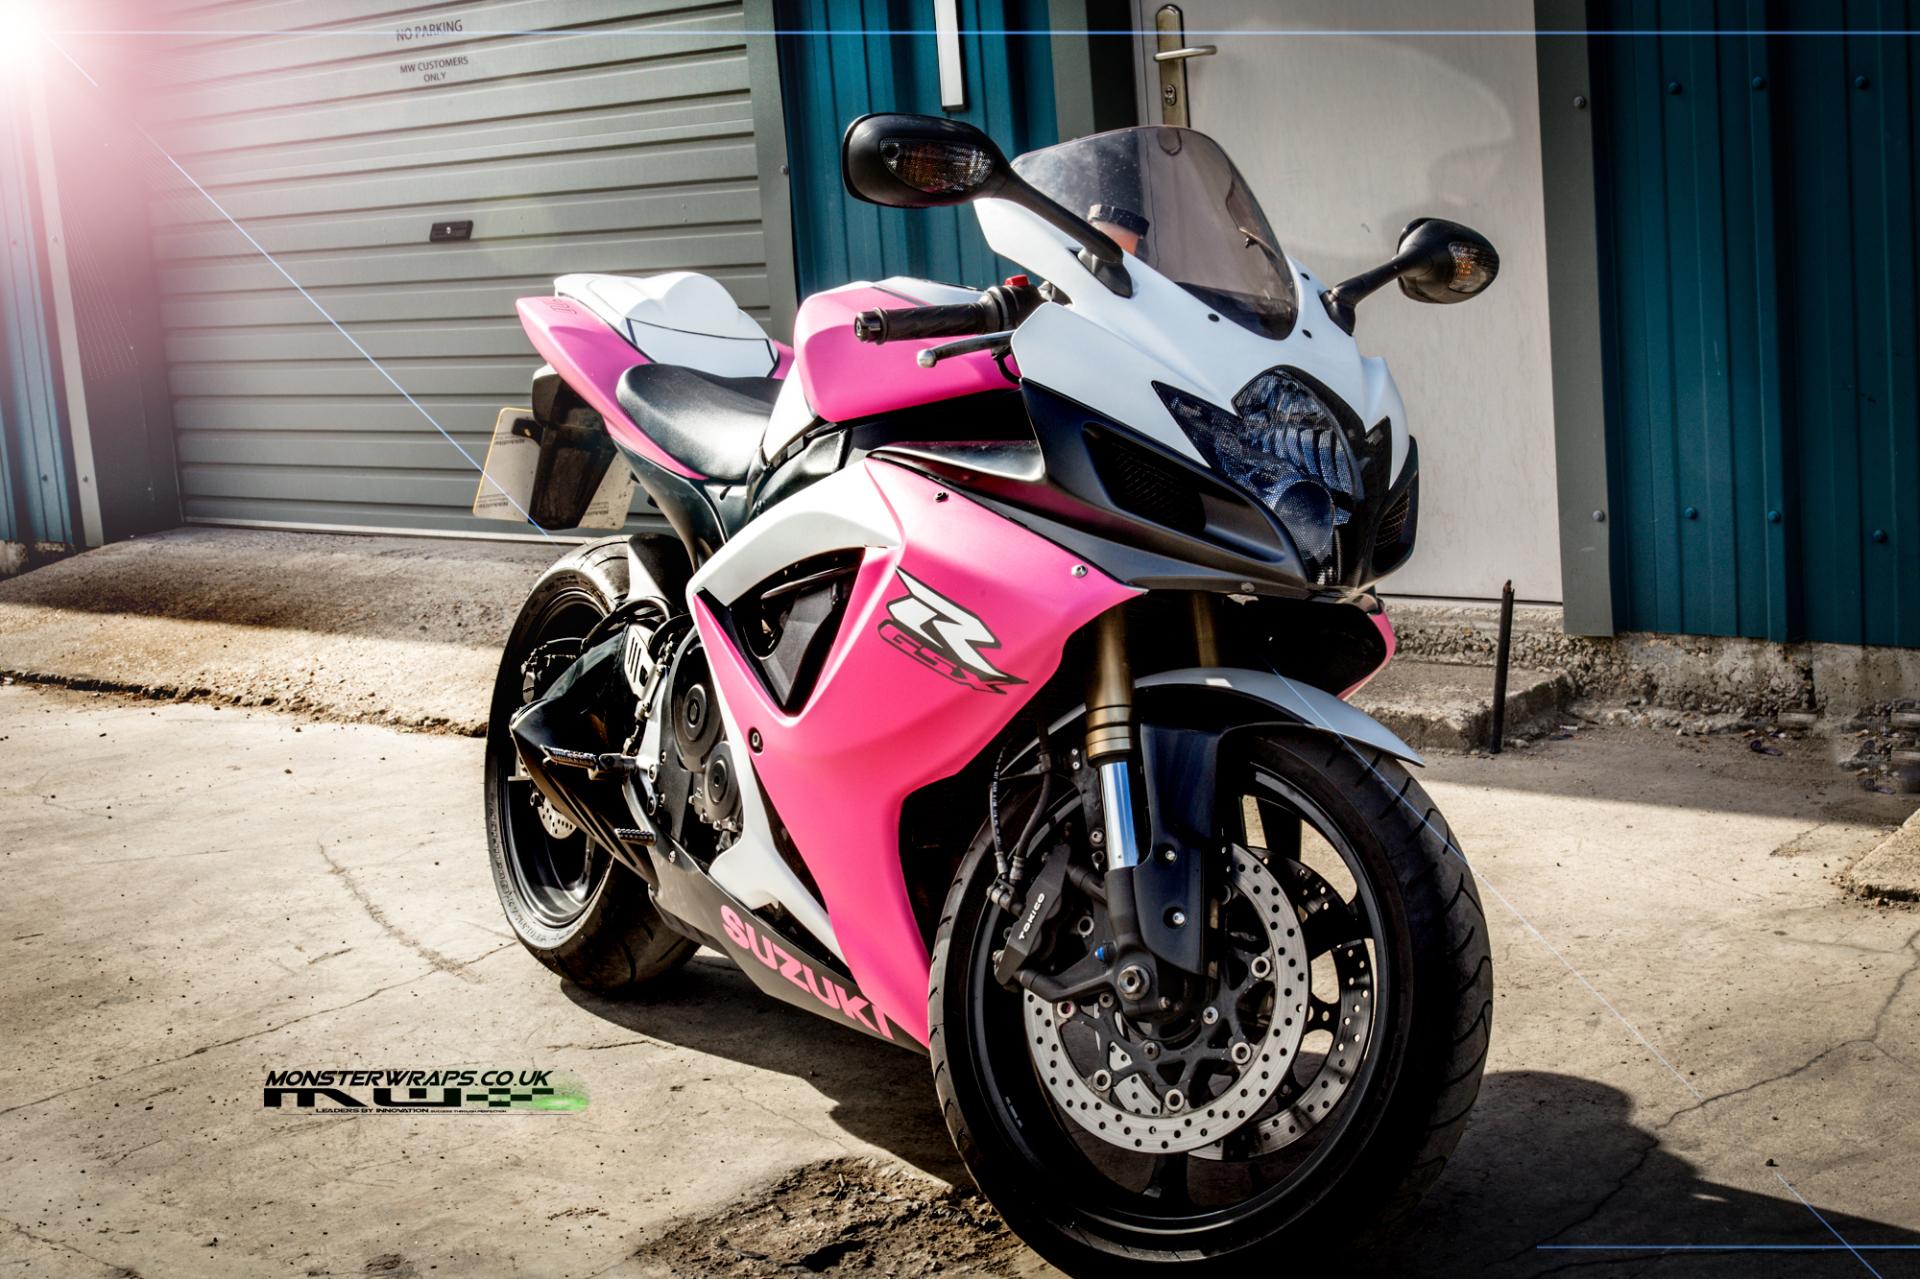 Suzuki GSXR Matte pink and white wrap